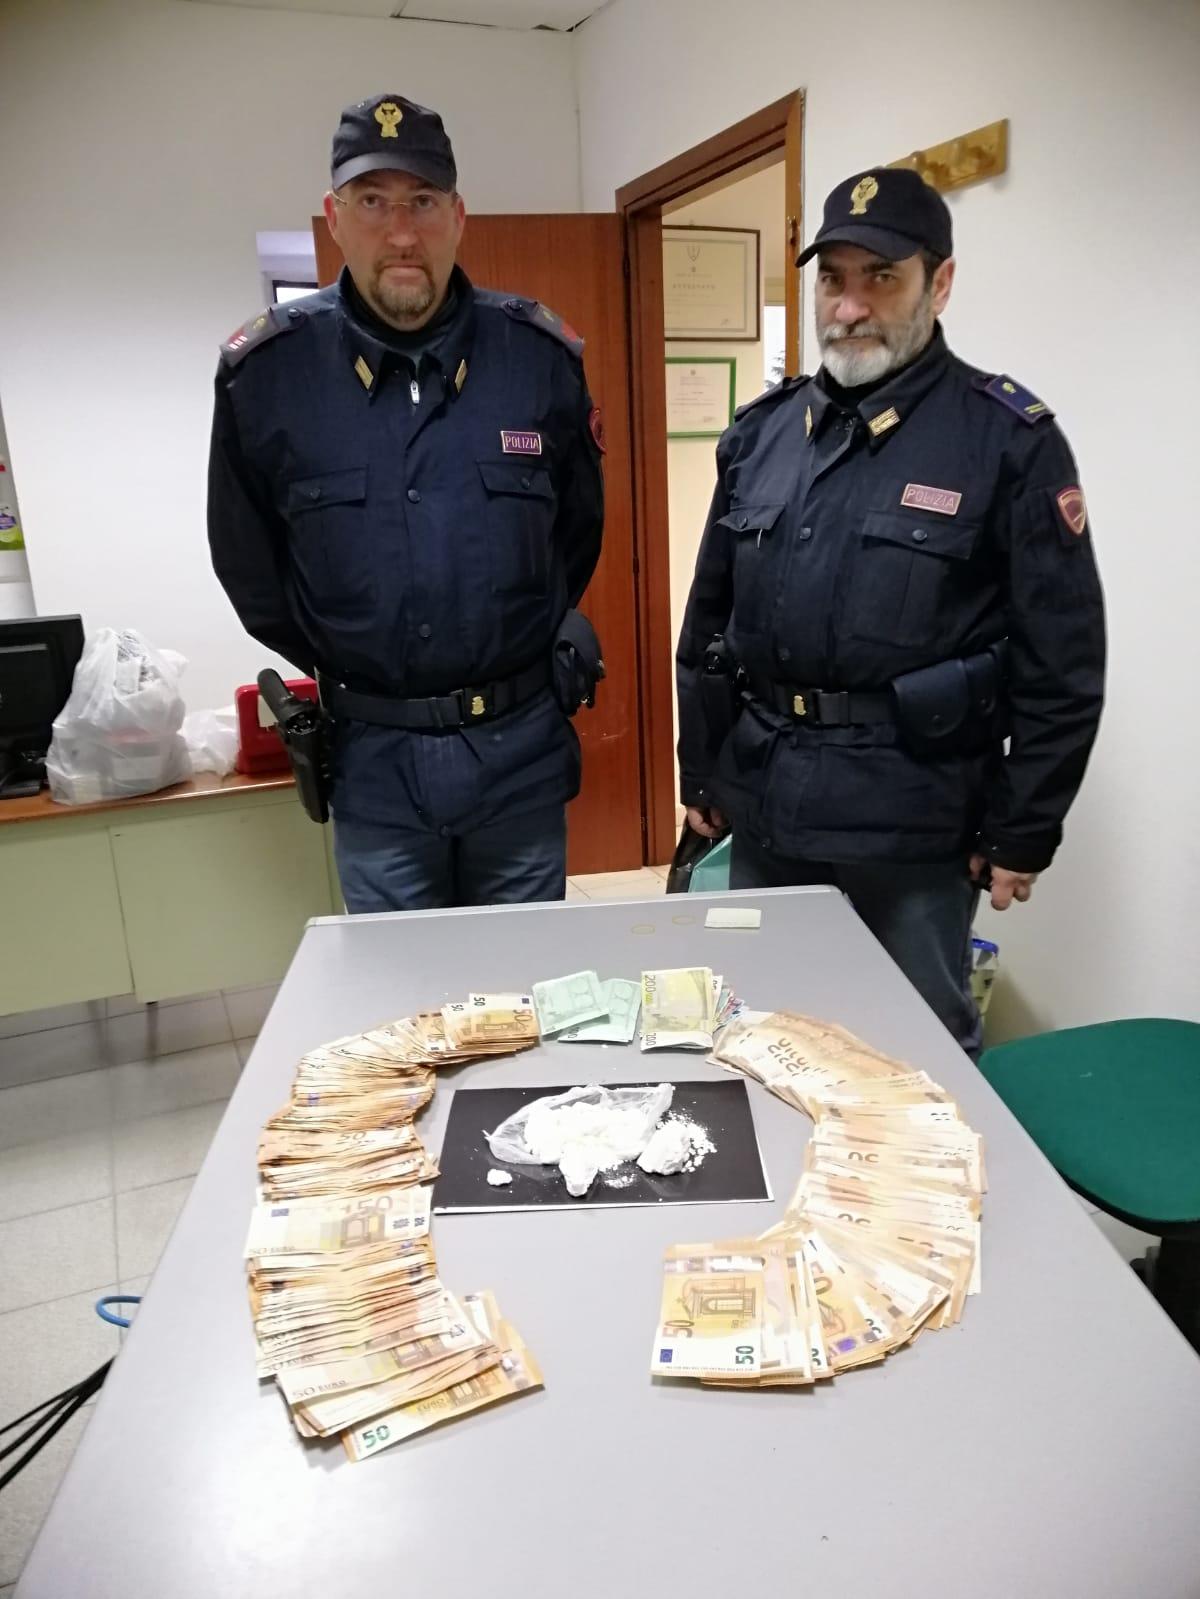 Spaccia con il cane, arrestato dalla Polizia nel rione Libertà di Benevento